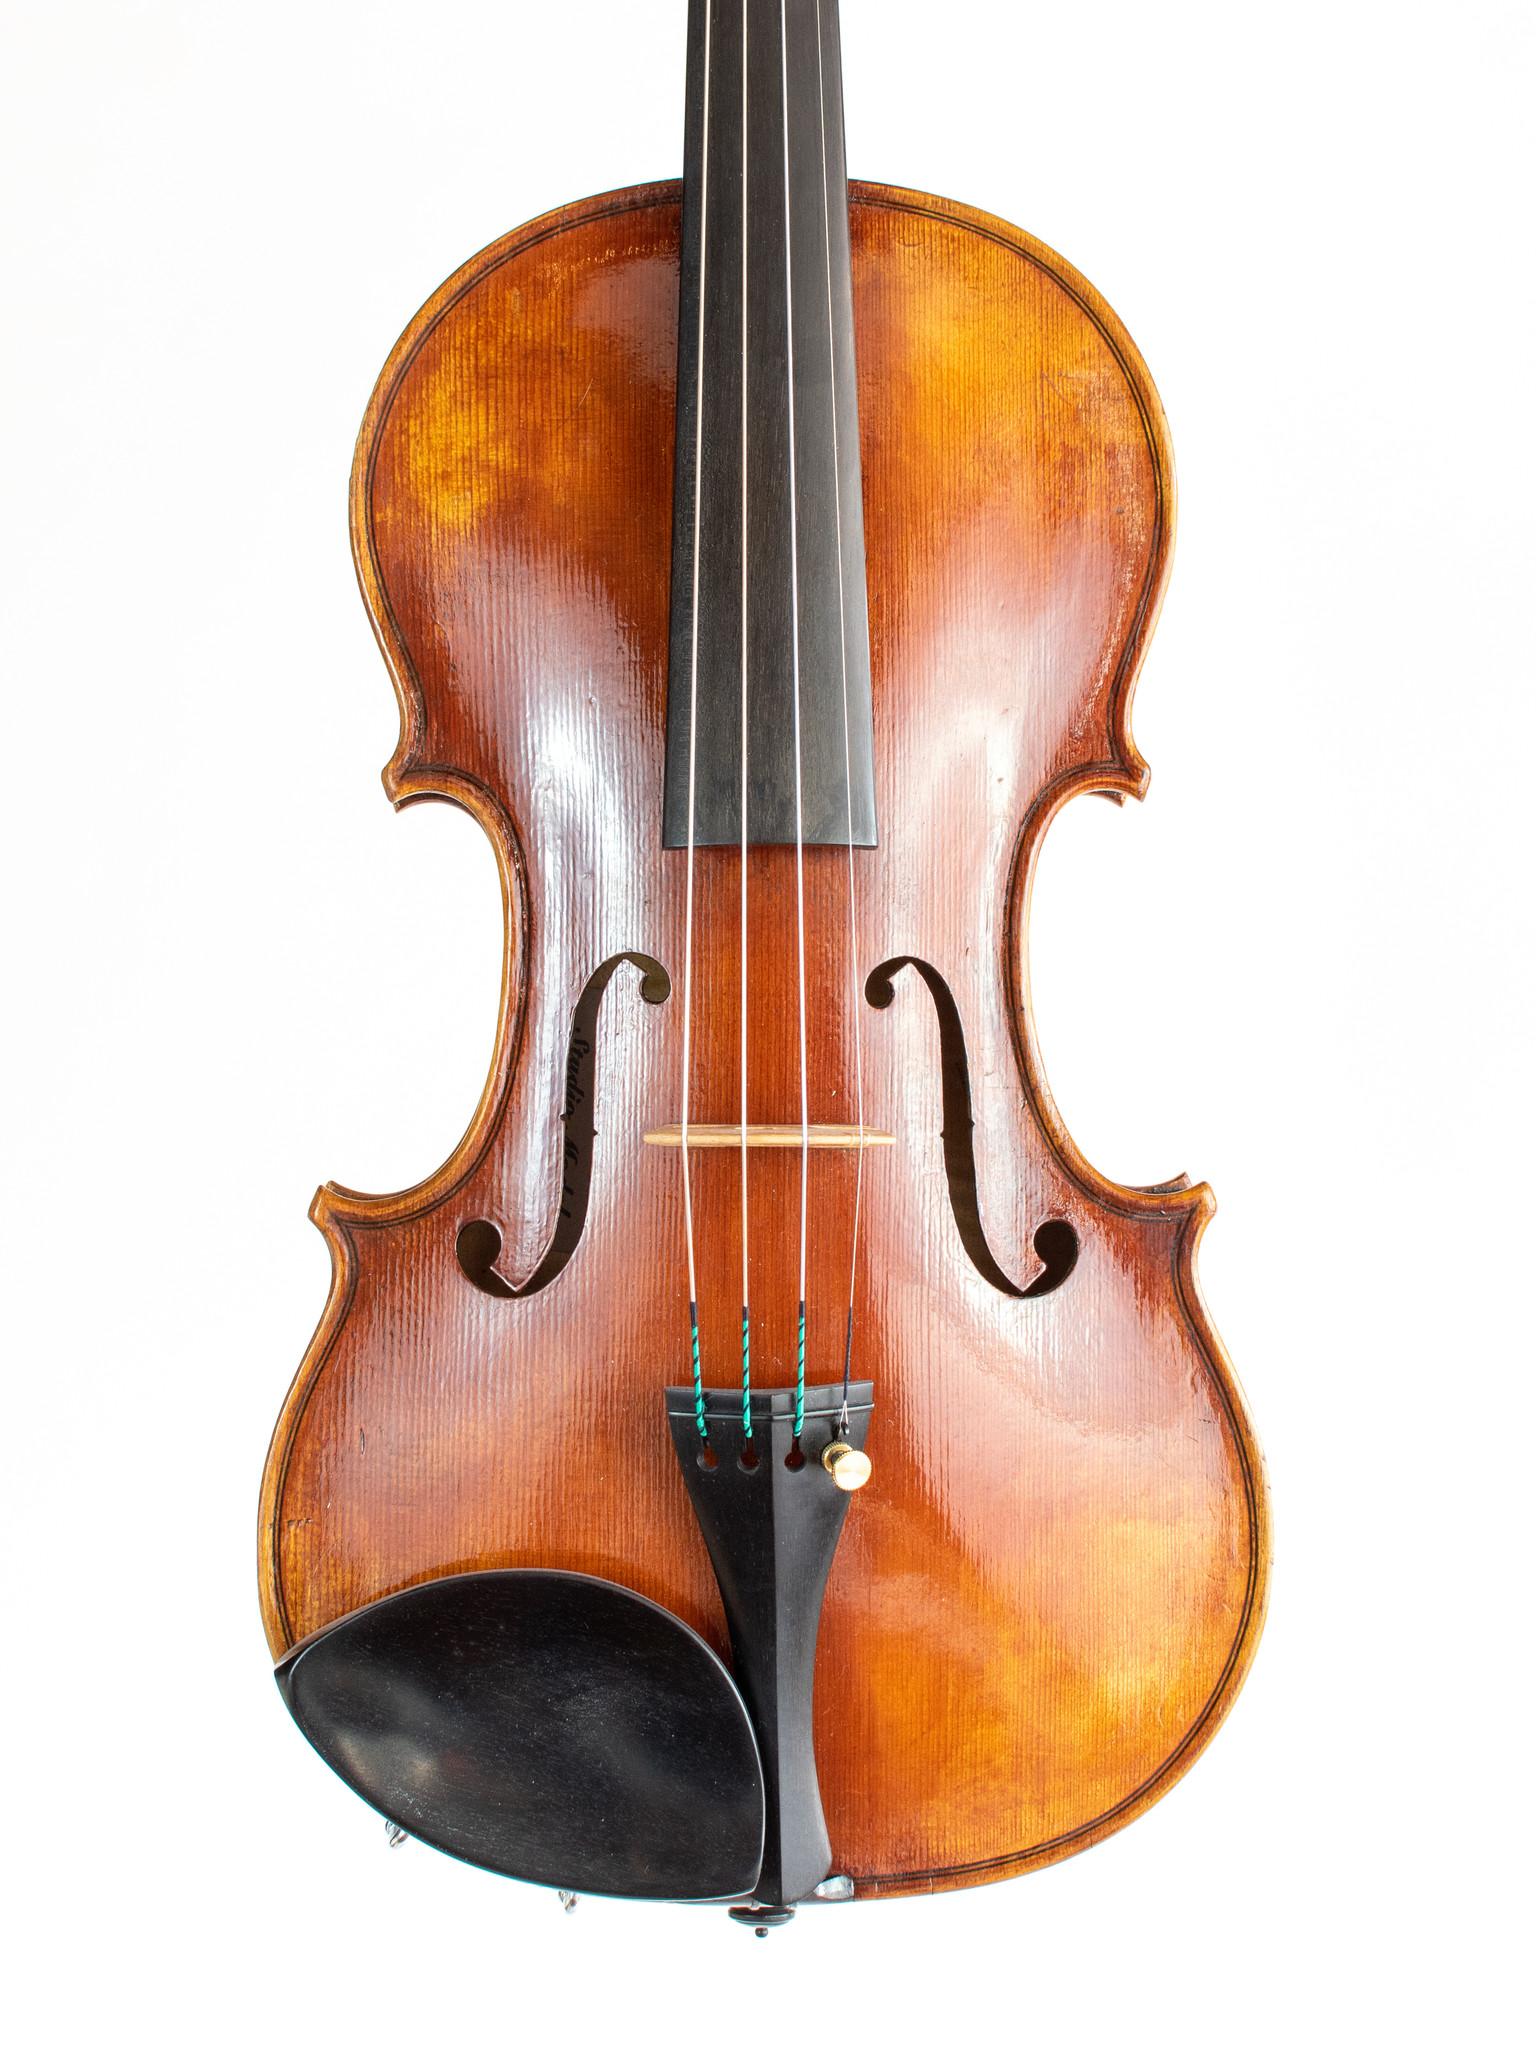 Jeff Lee Manthos Studio Model 4/4 violin, 2019, #76, Corvallis OR